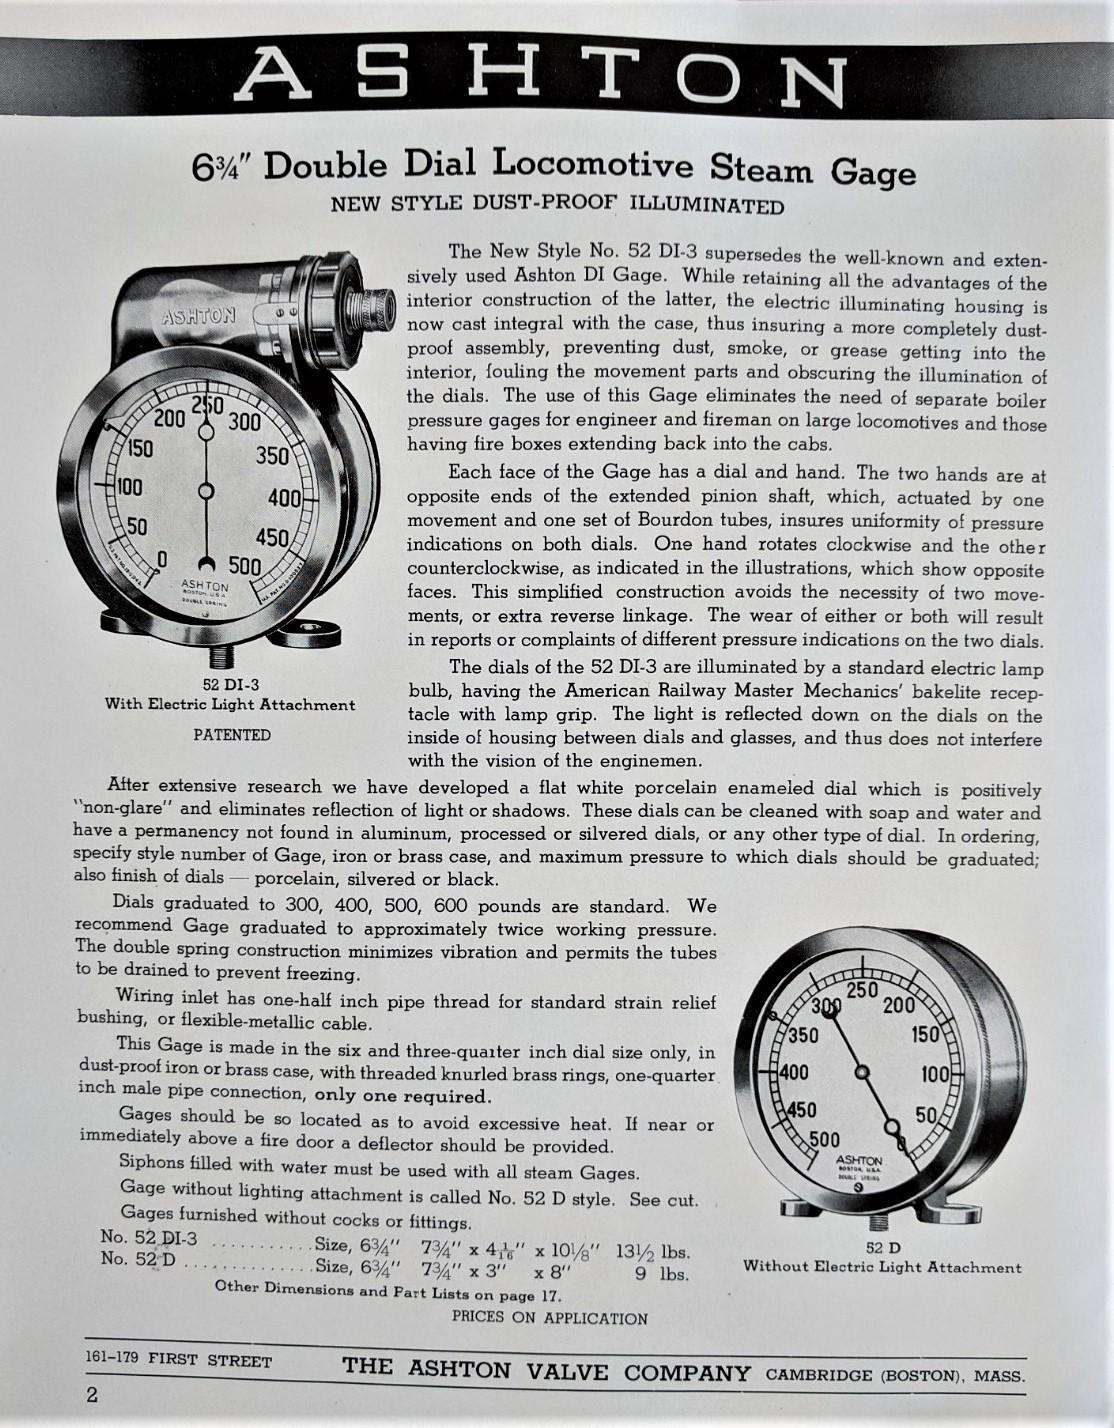 Ashton gage catalog 1941    2.jpg